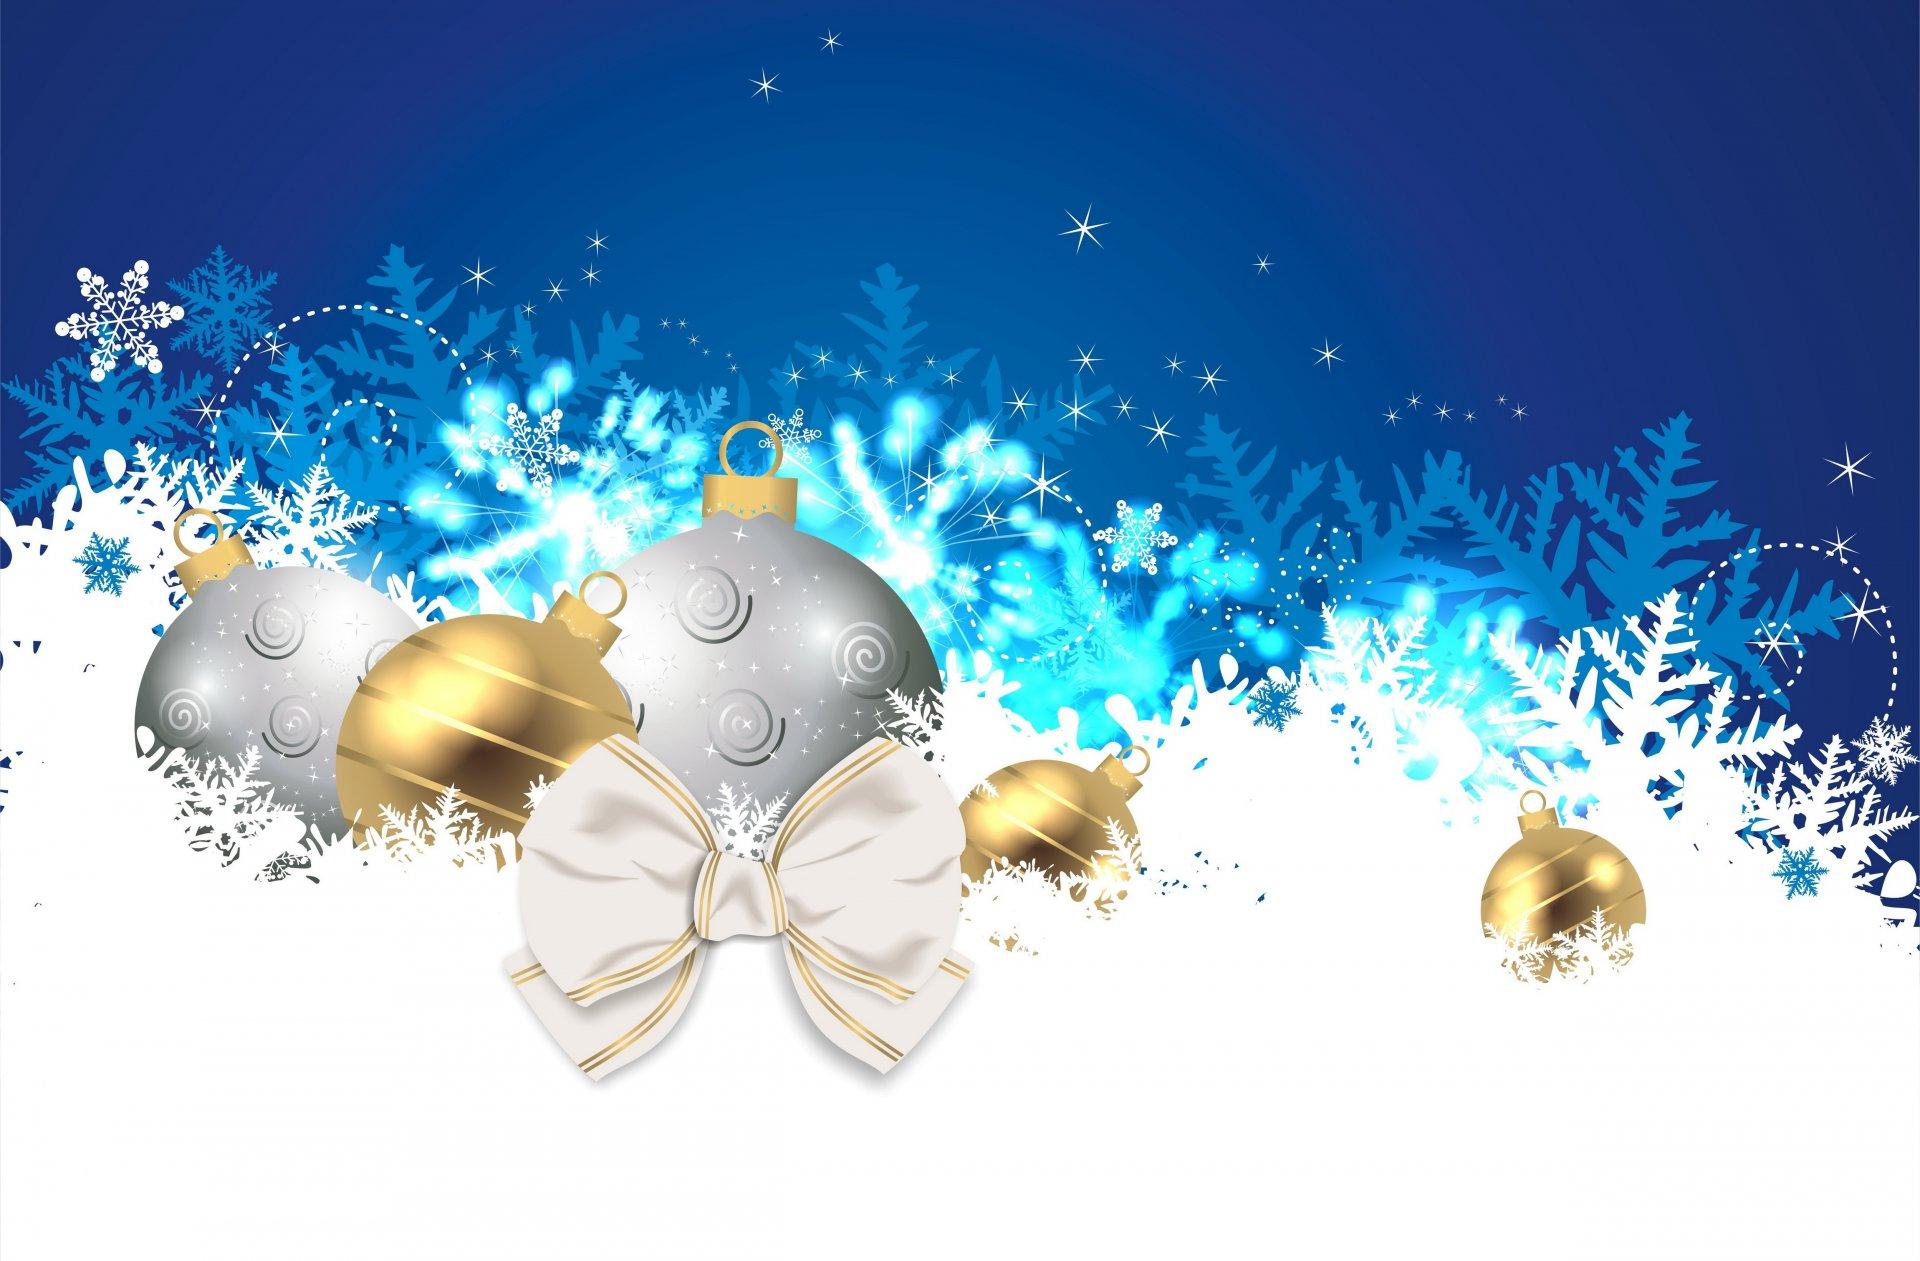 Горизонтальные открытки на новый год, аву очень